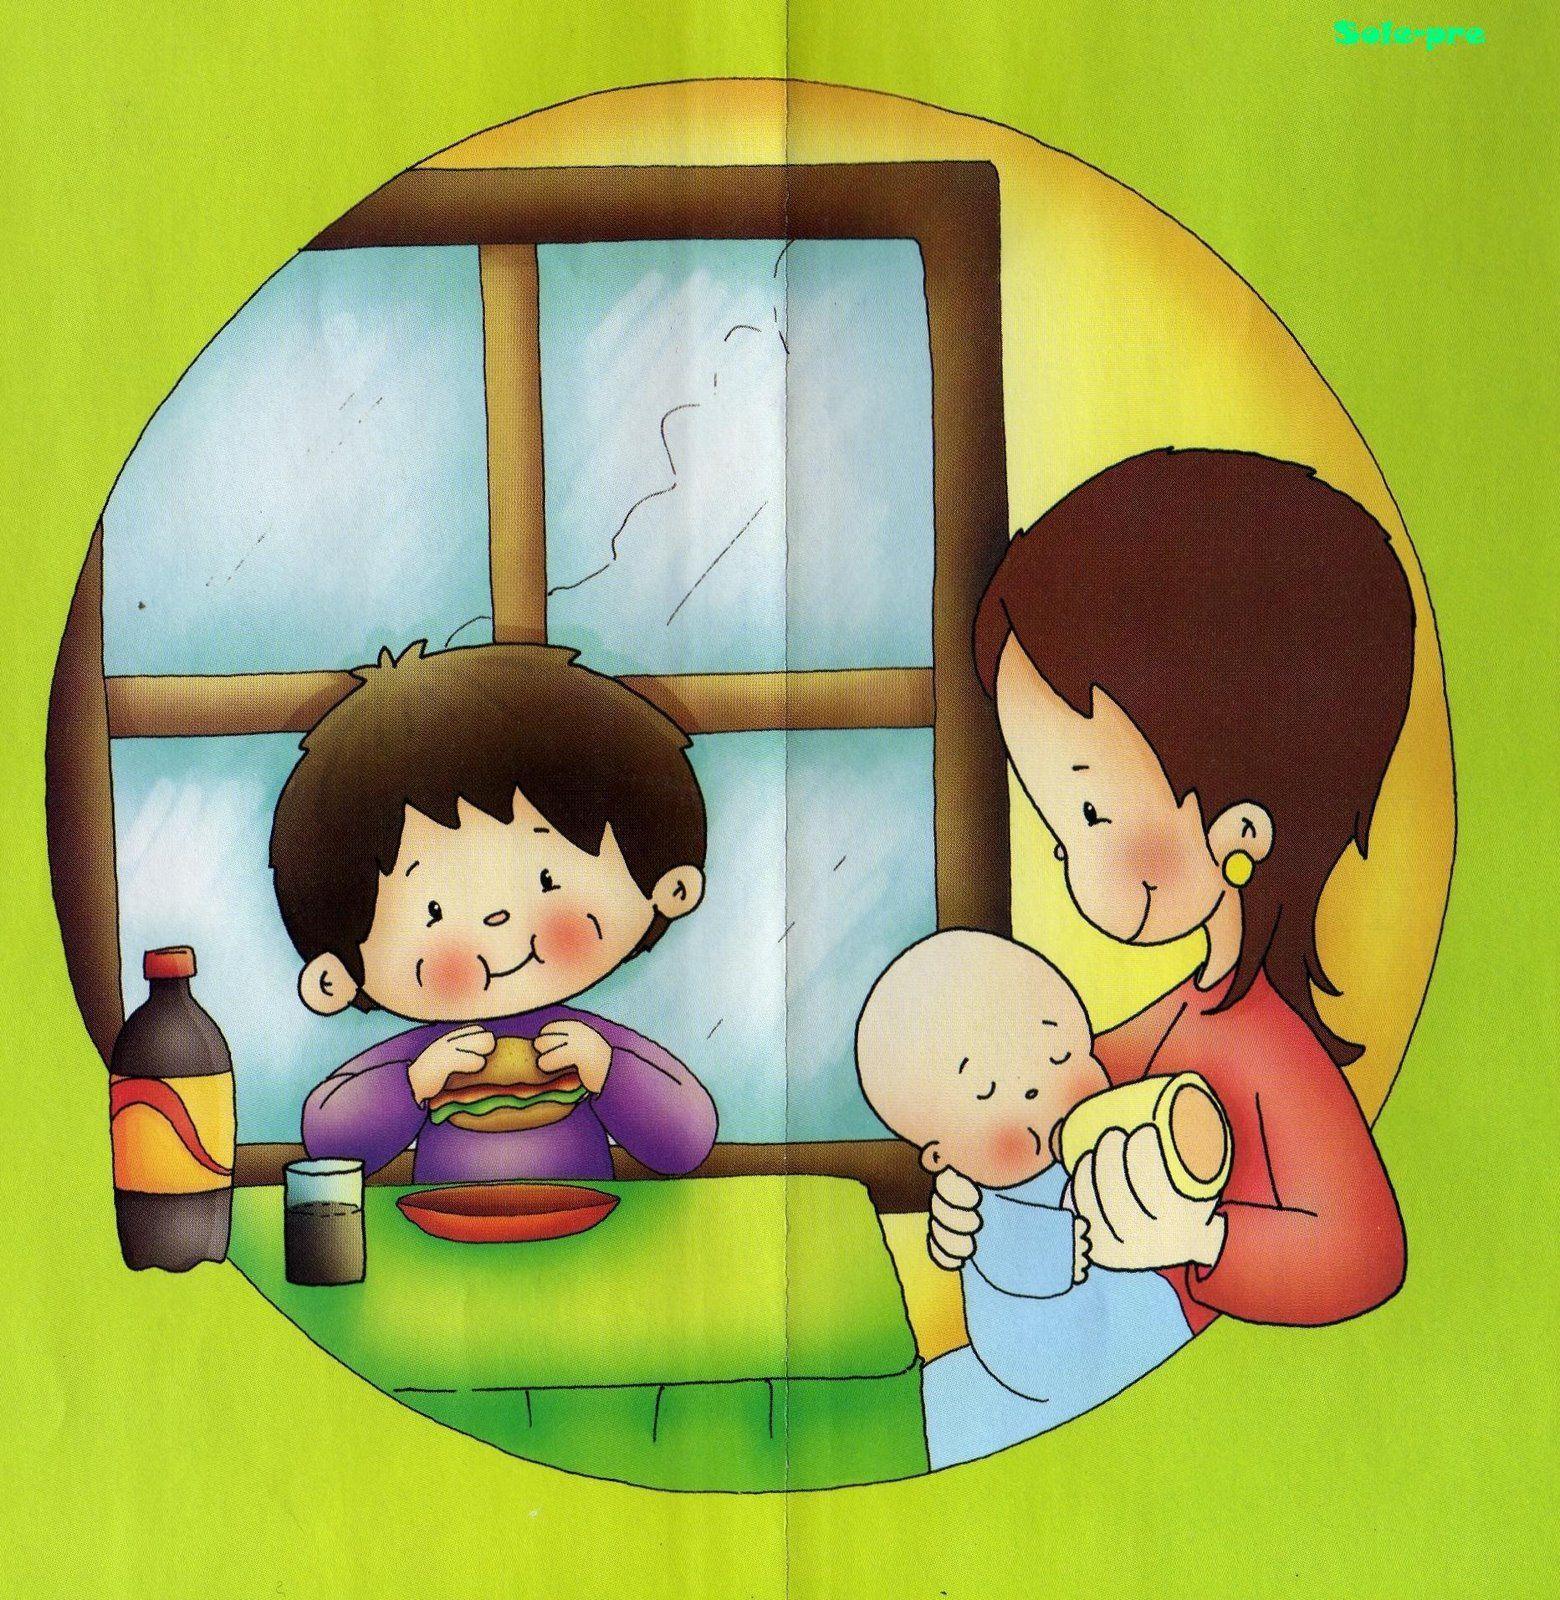 Menta m s chocolate recursos y actividades para educaci n infantil dibujos de los derechos de - Agencias para tener estudiantes en casa ...